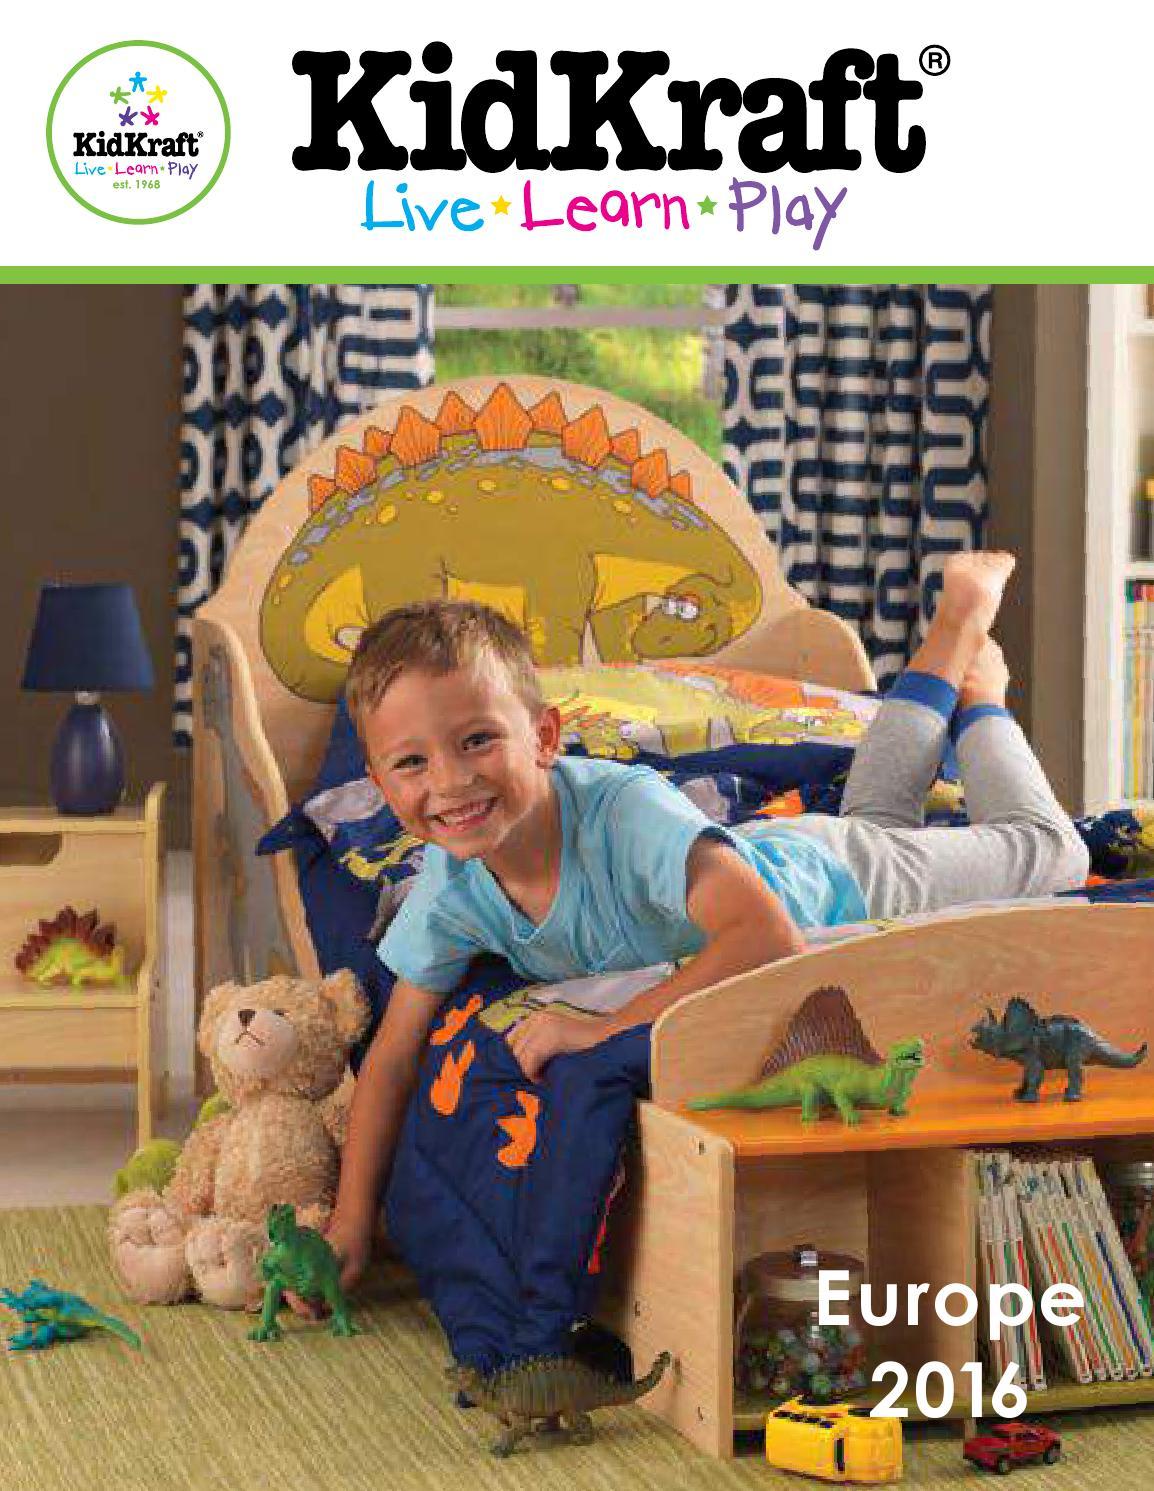 Kidkraft austin toy box natural 14953 - Kidkraft Katalog 2016 Staskka By Otro Ka Trgovina Staskka Vse Za Otroka Issuu